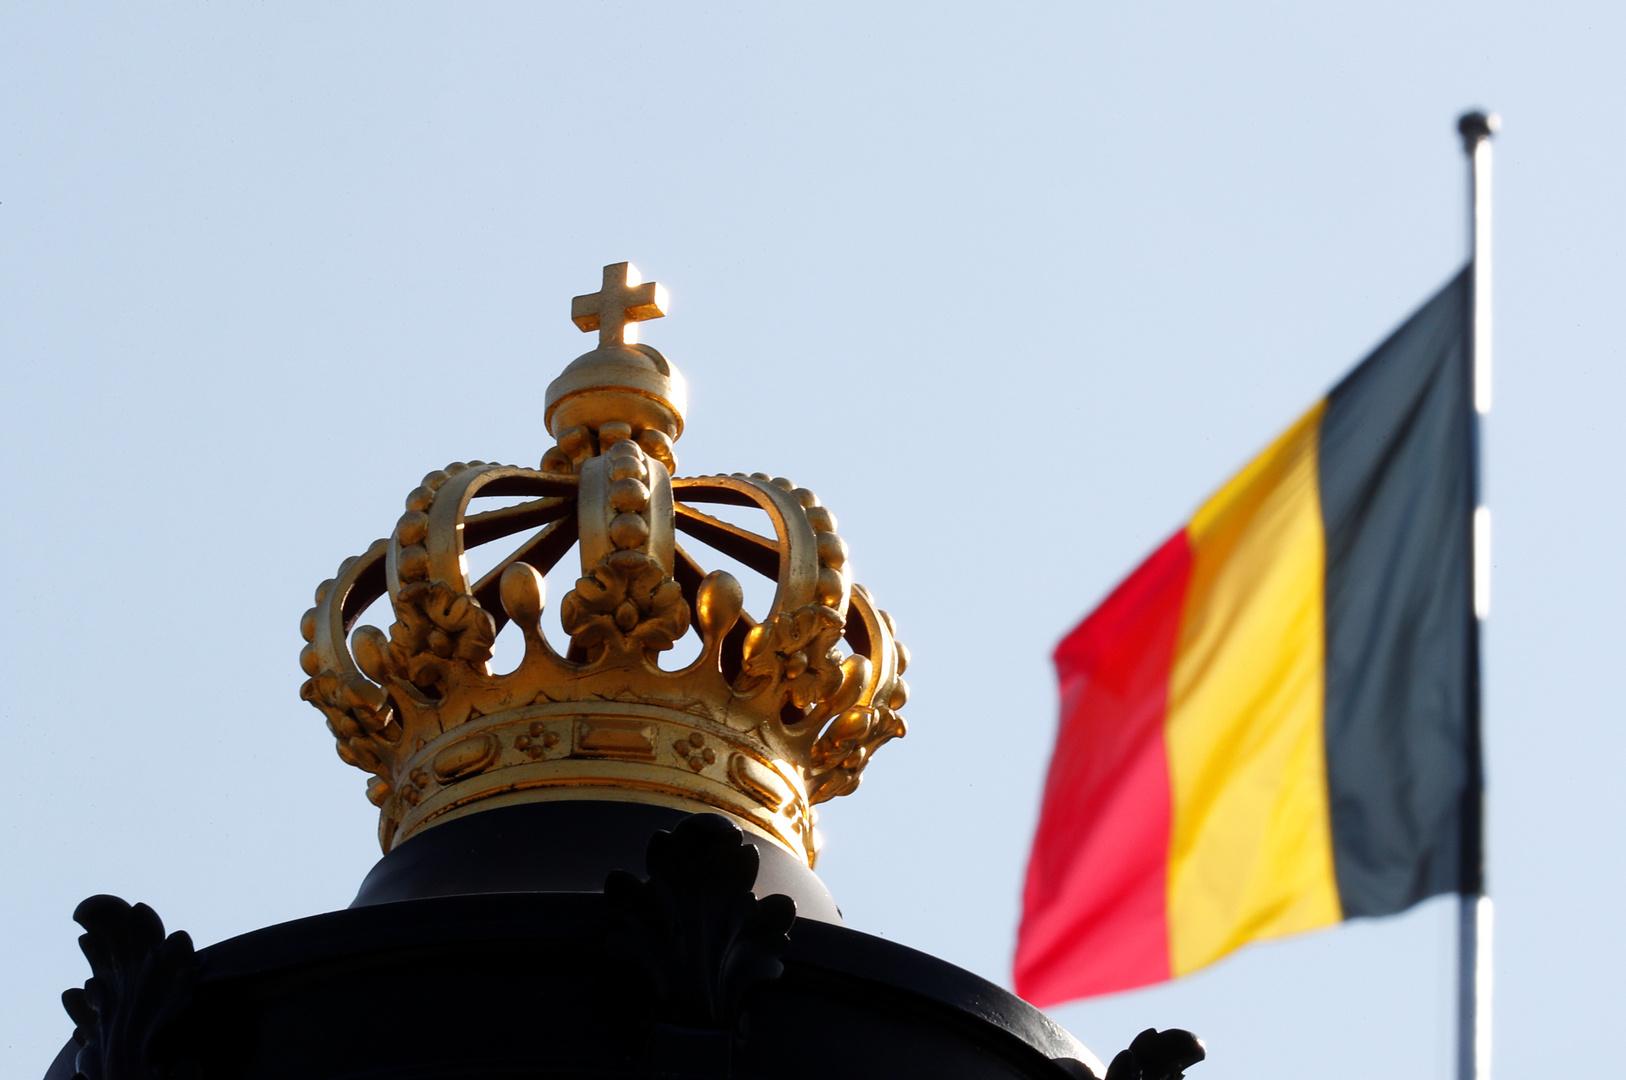 لجوء بلجيكا 2021 و تقديم طلب الهجرة لبلجيكا عبر الانترنت